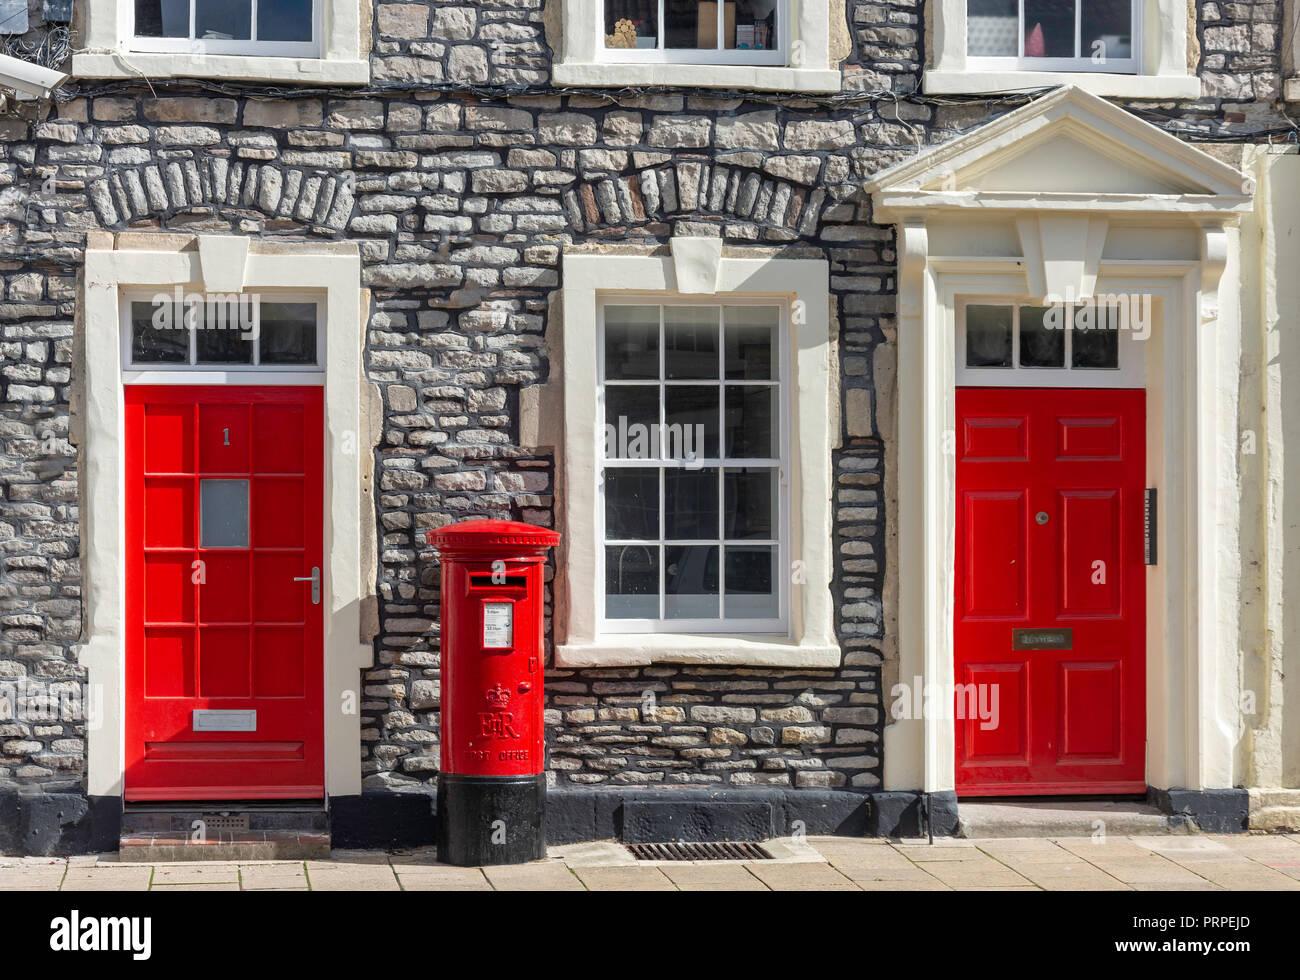 Periodo case con porte rosse e il pilastro box, Cavallo Street, Chipping Sodbury, Gloucestershire, England, Regno Unito Immagini Stock